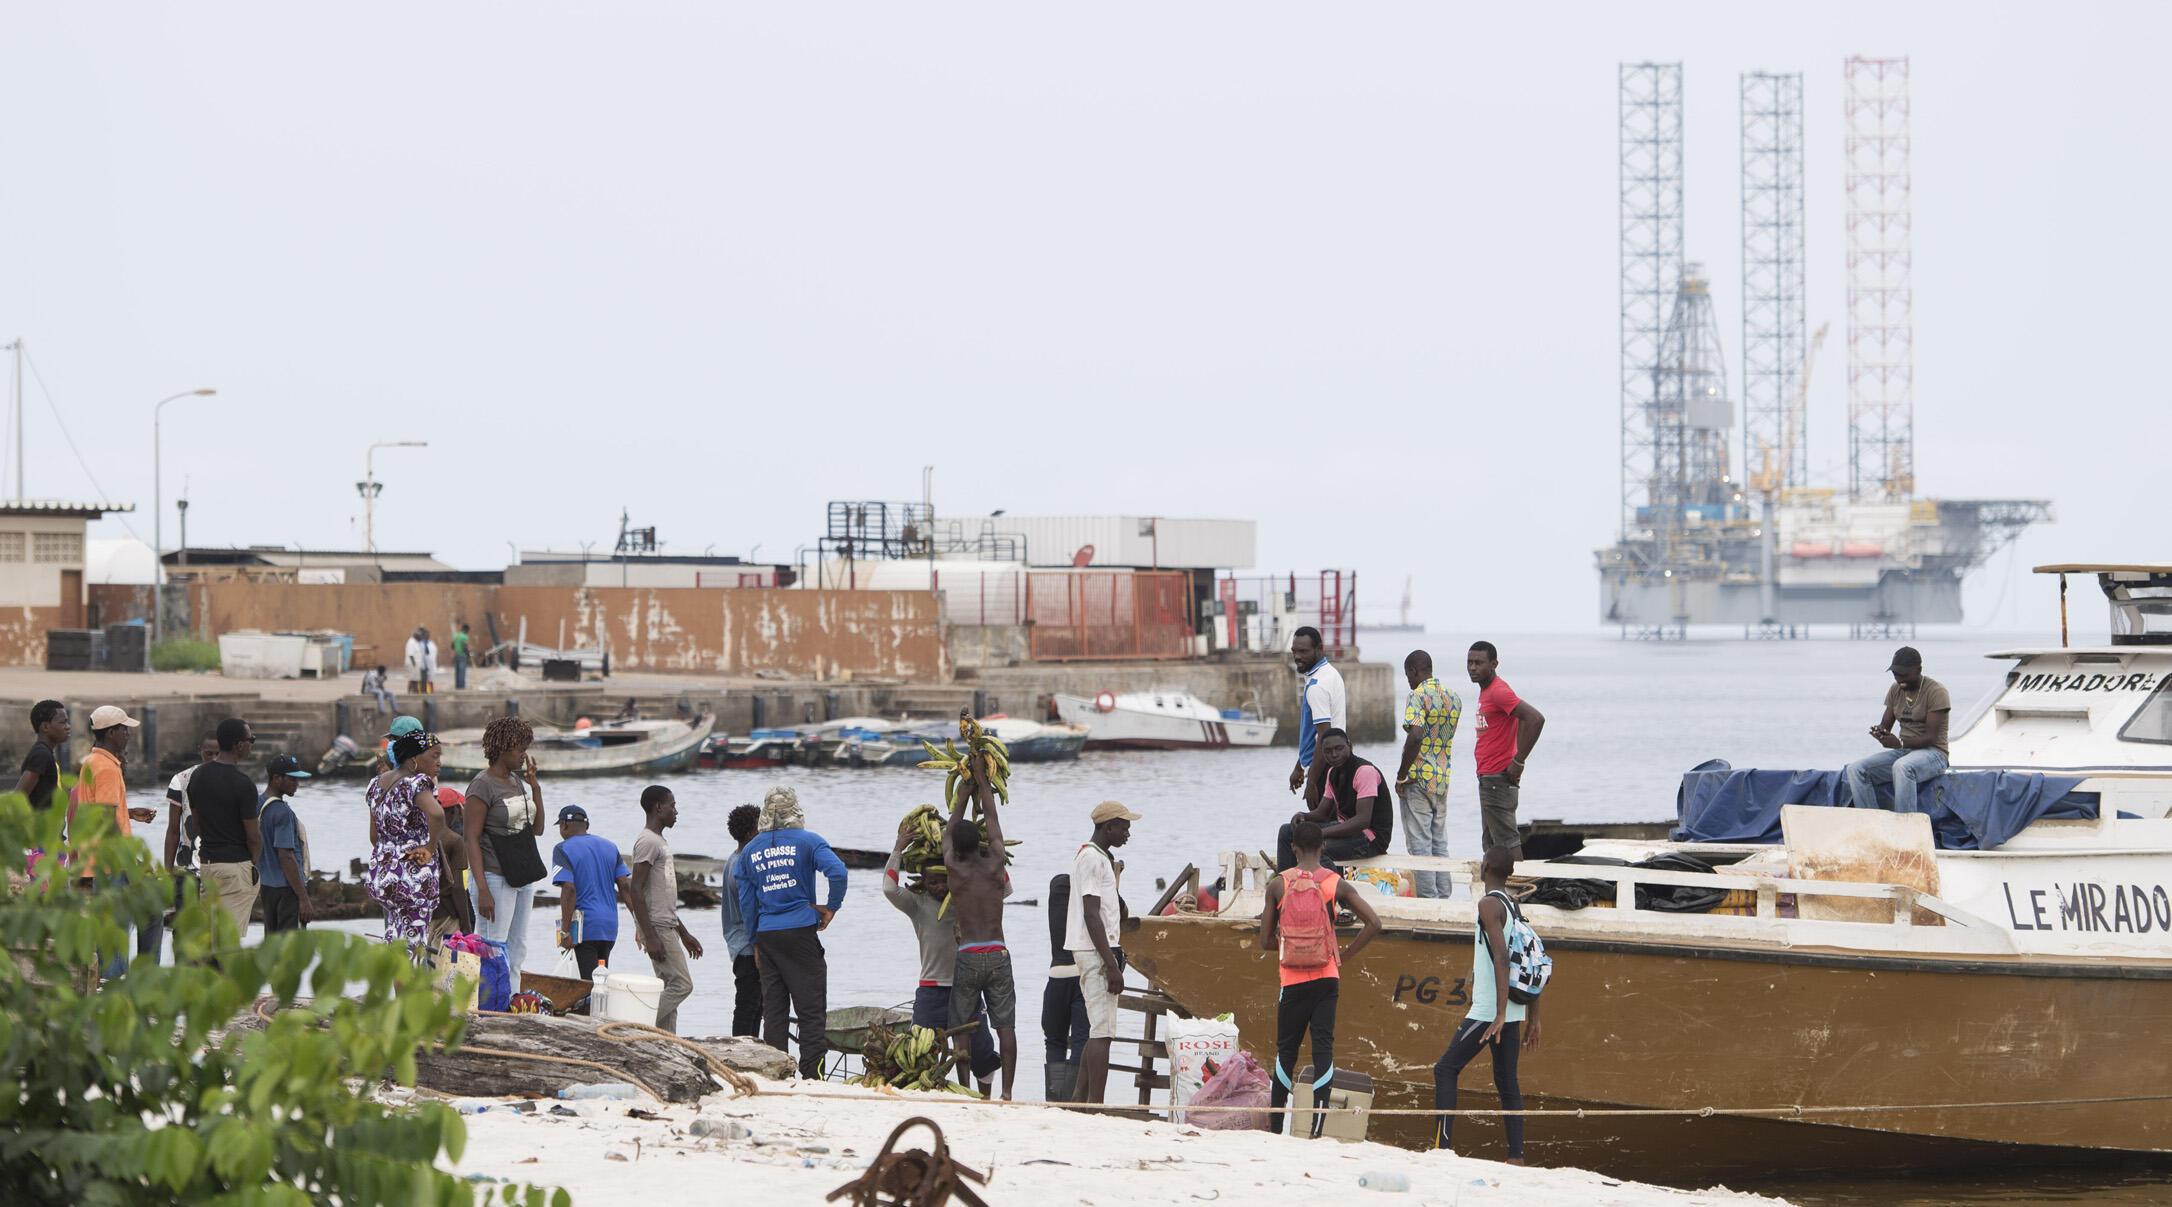 Une plate-forme pétrolière au large des côtes de Port-Gentil, la capitale économique du Gabon.